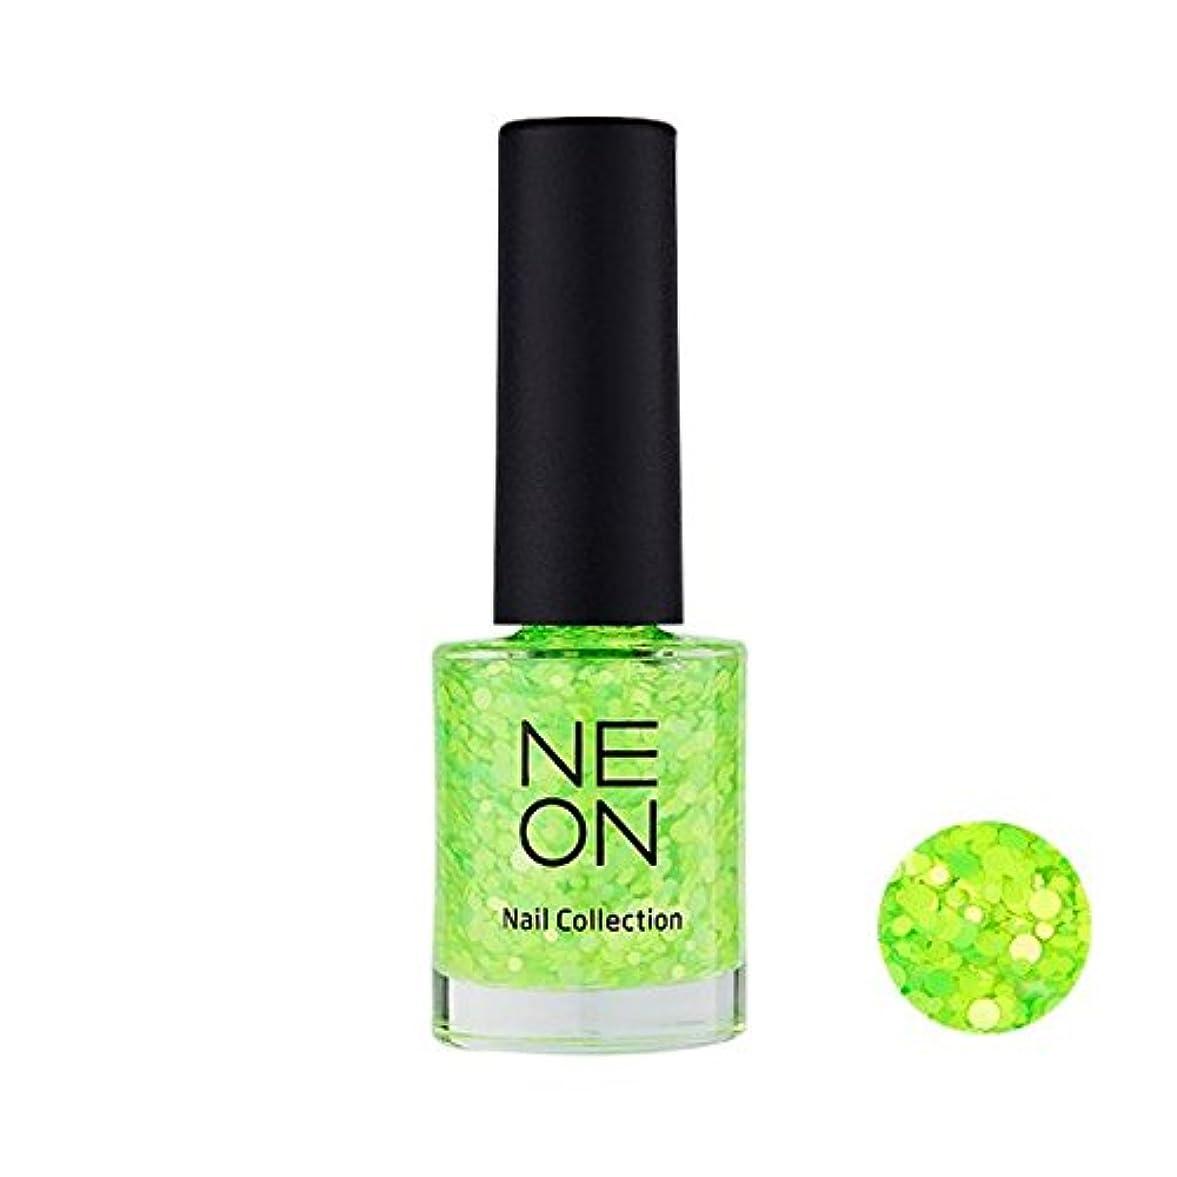 故意に残酷麦芽It'S SKIN Neon nail collection [04 Neon Glitter green] イッツスキン ネオンネイルコレクション [04 ネオン グリッター グリーン] [並行輸入品]